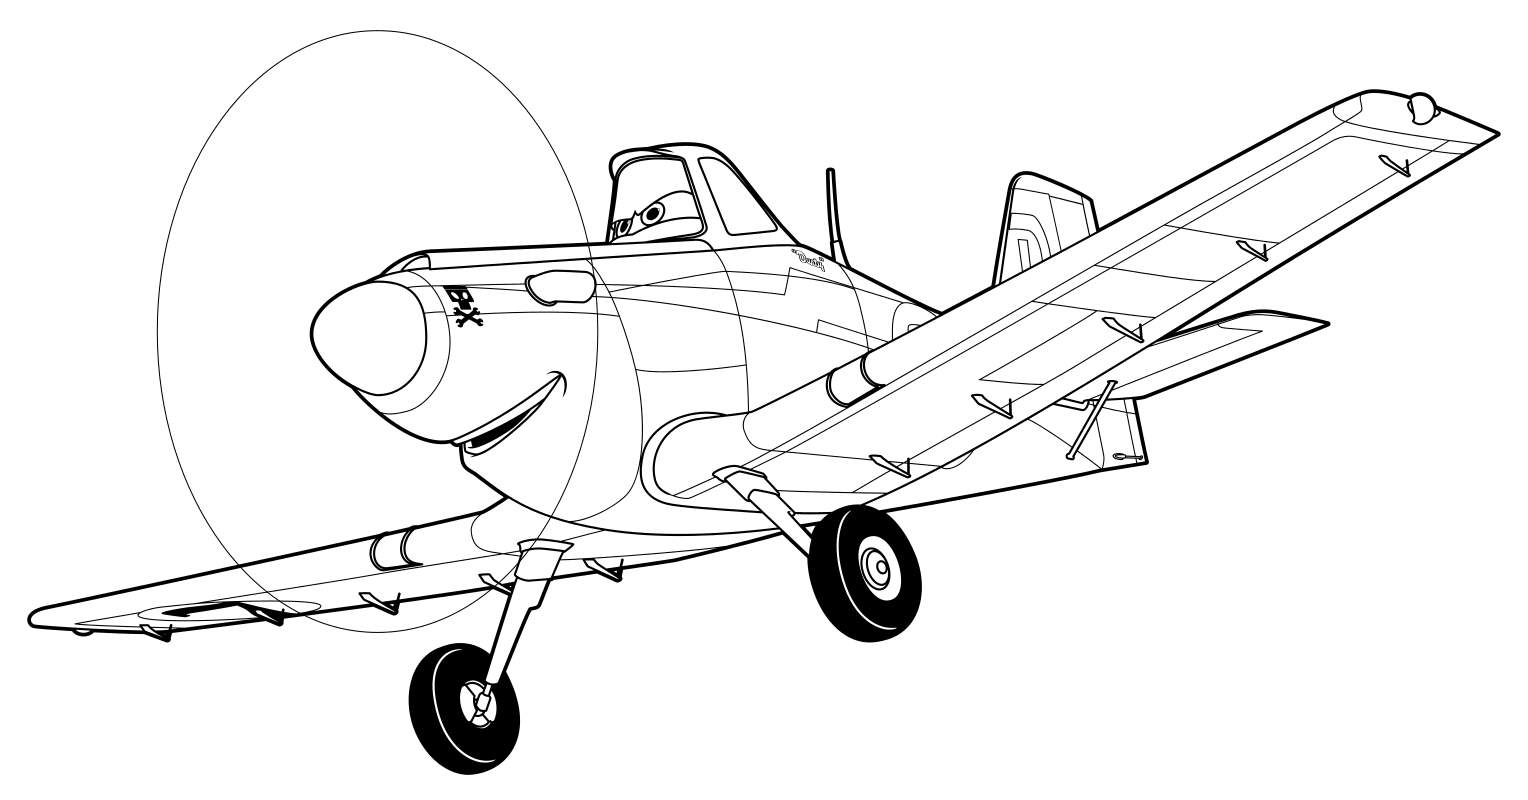 Раскраска самолет дасти распечатать